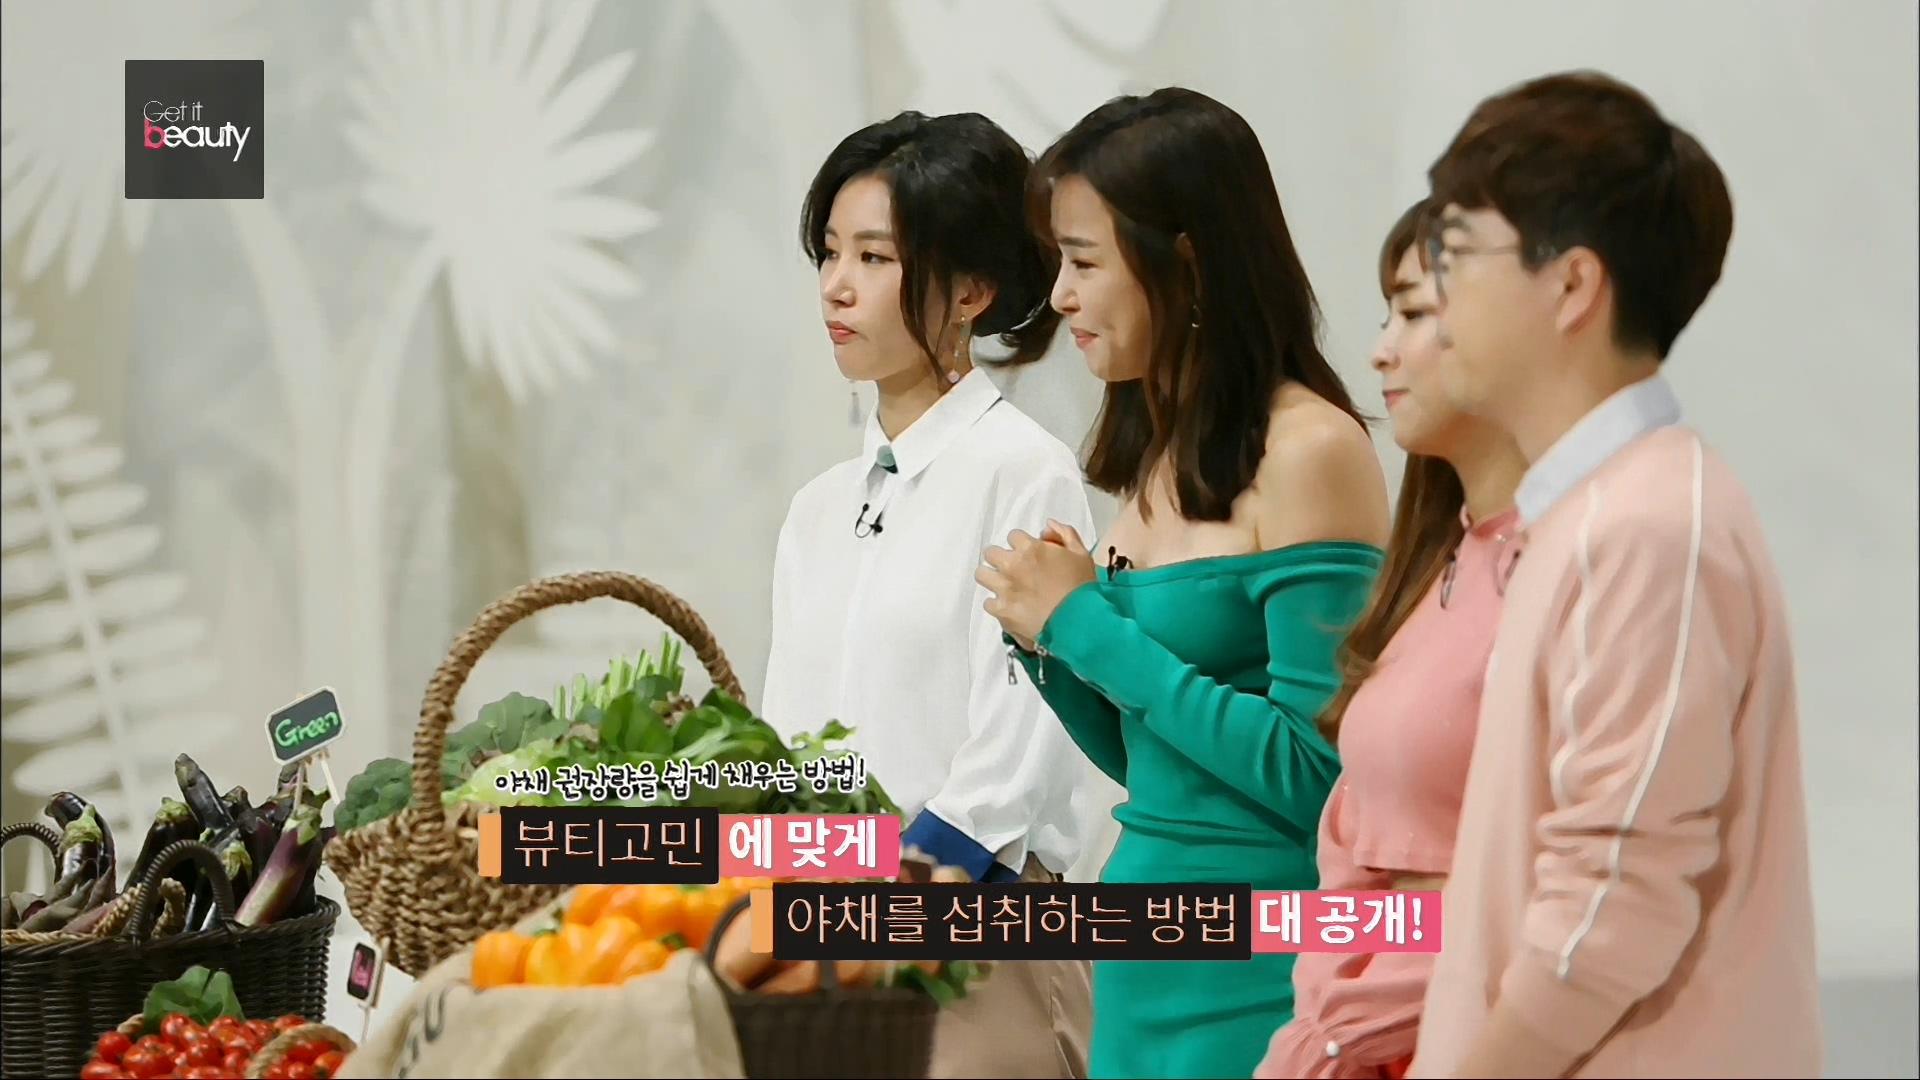 야채 권장량을 쉽게 채우는 방법! 뷰티고민에 맞게 야채를 섭취하는 방법을 공개해 드릴게요~